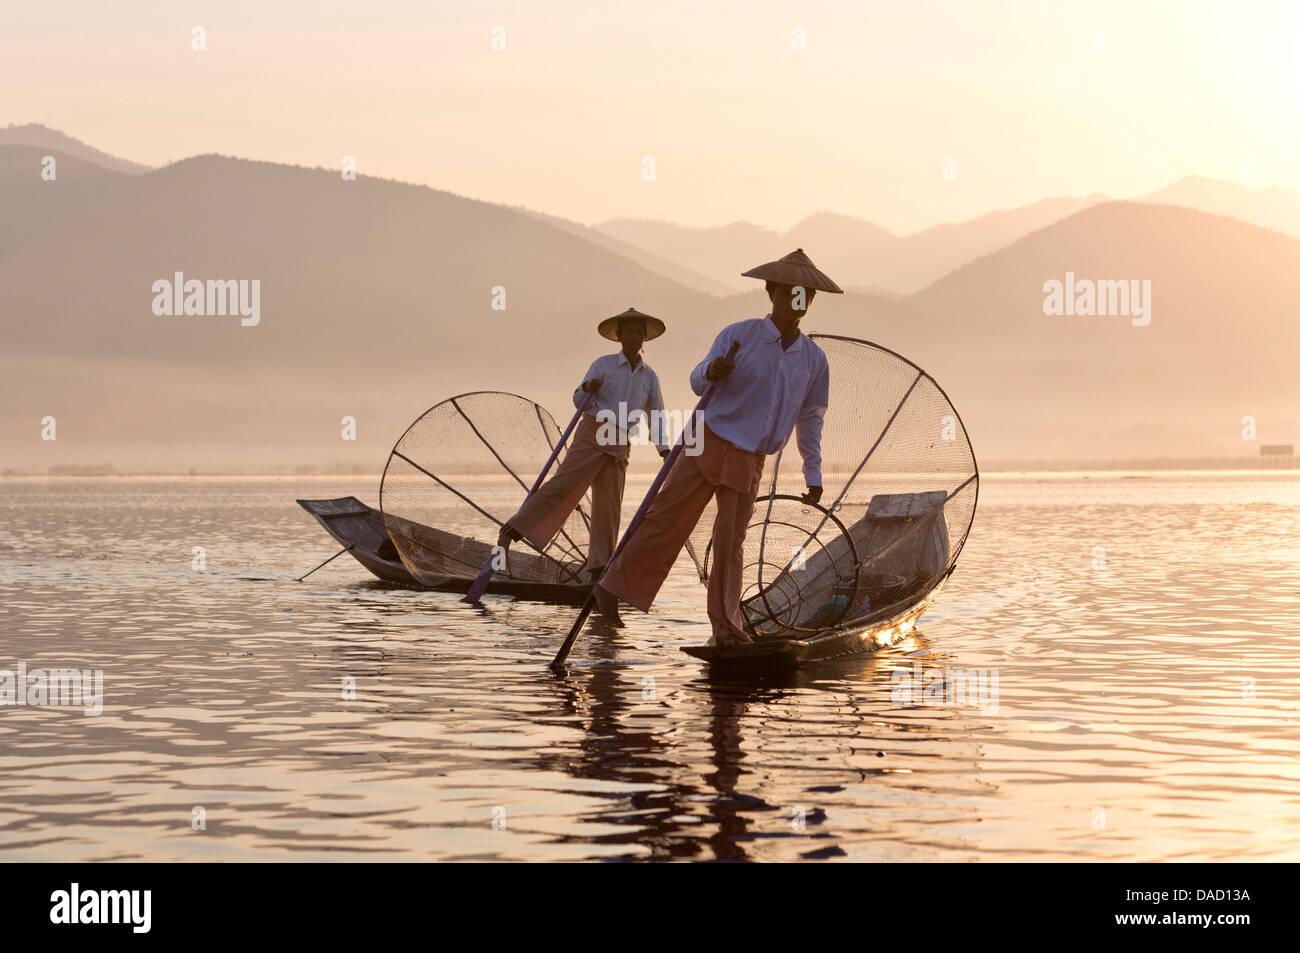 Intha 'leg rowing' fishermen at sunset on Inle Lake, Inle Lake, Myanmar - Stock Image